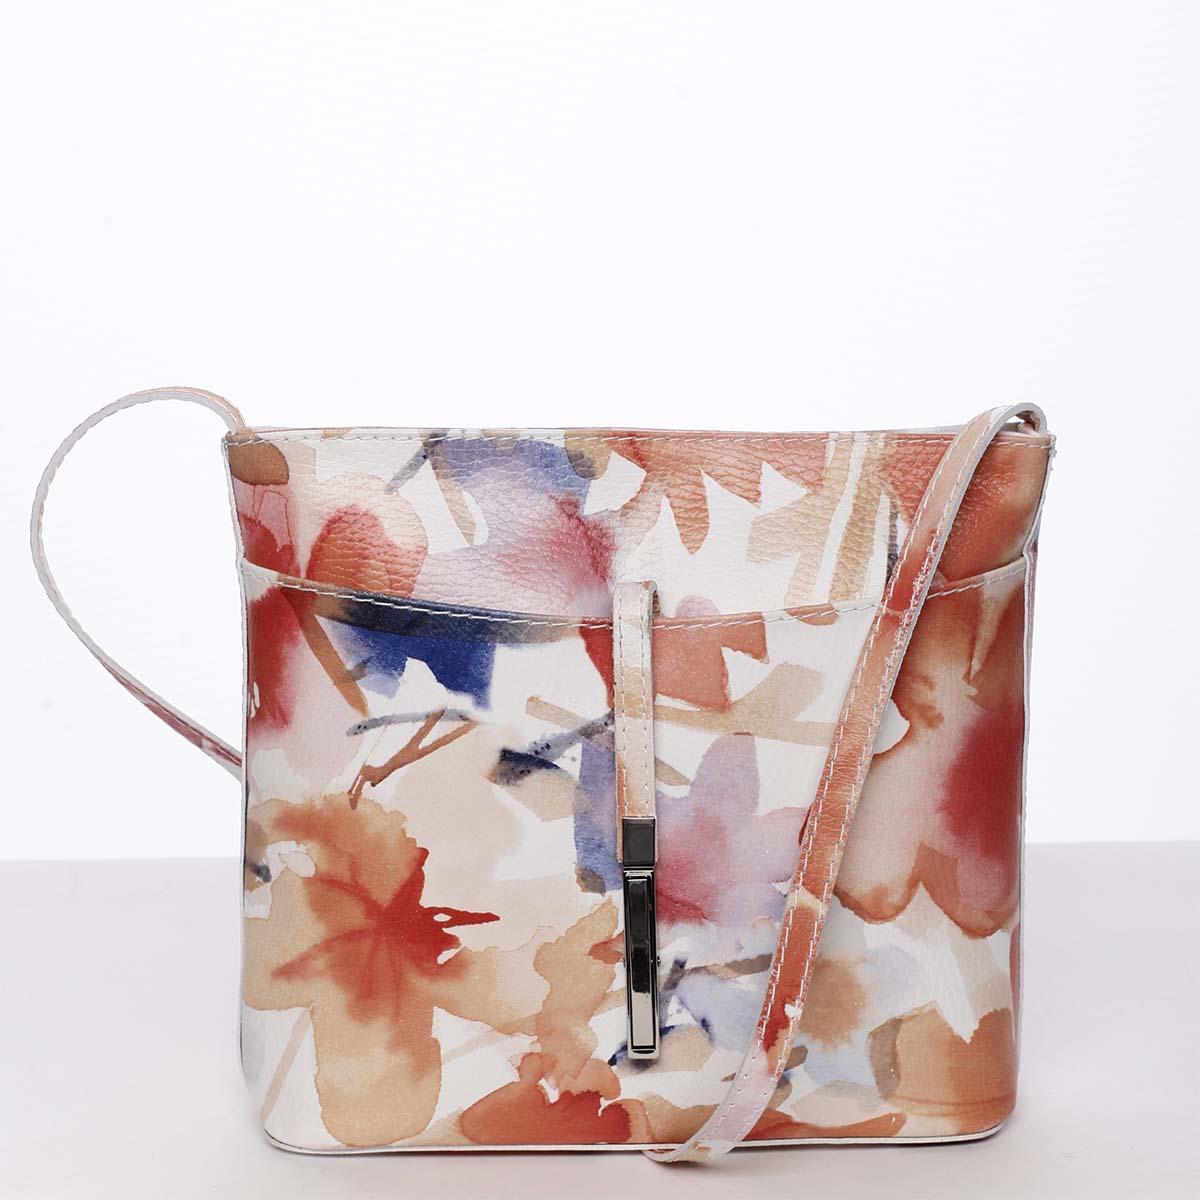 Dámská kožená crossbody kabelka se vzorem barevná - ItalY Aneta